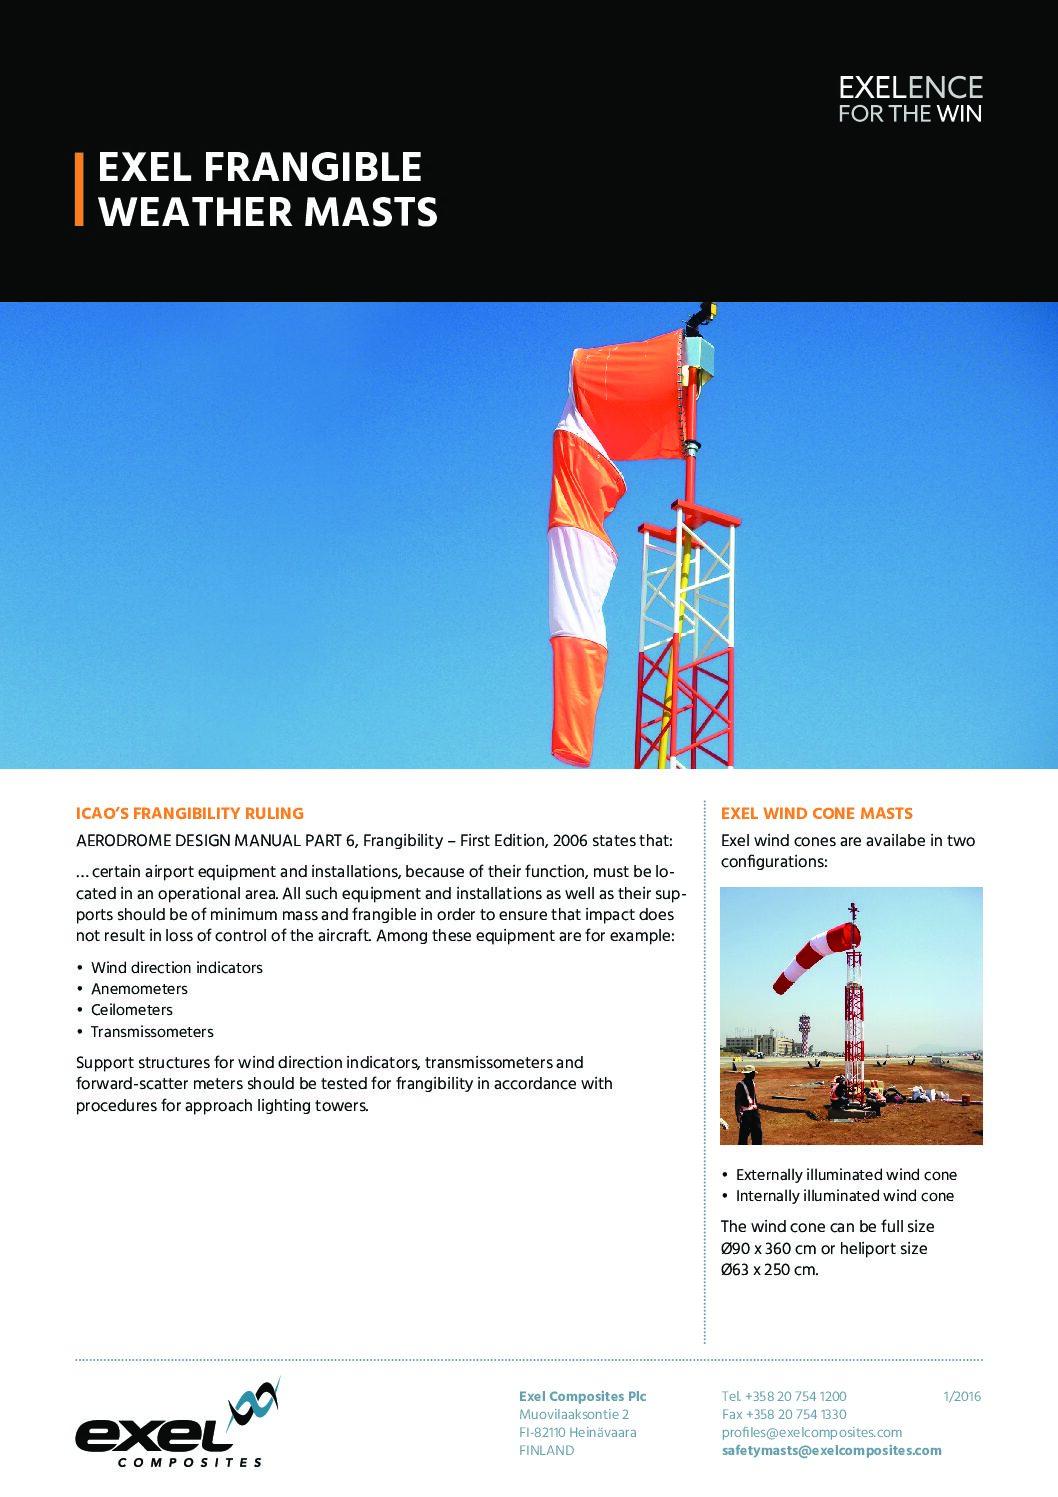 Exel Frangible Weather Masts